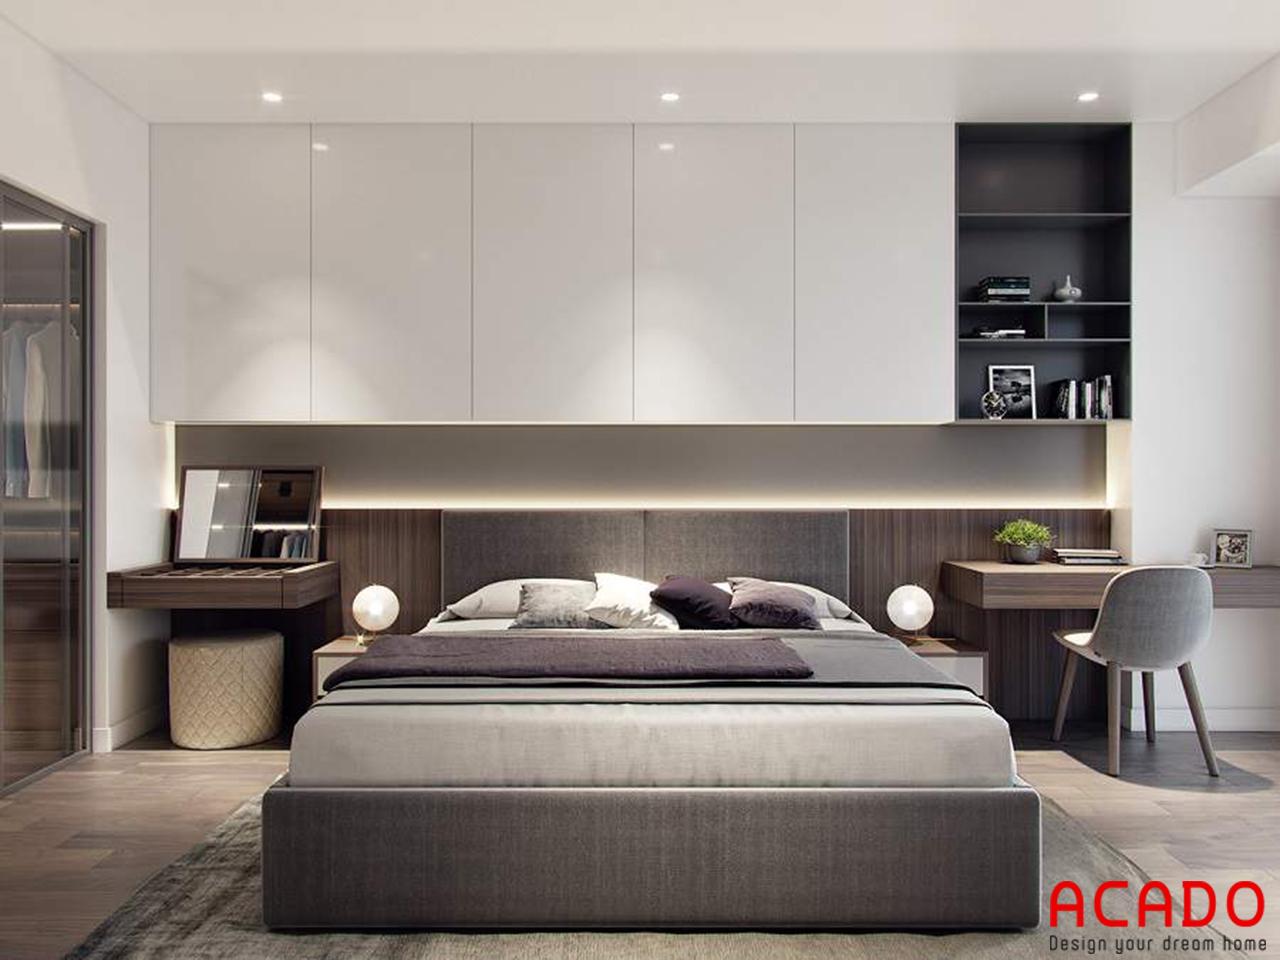 Phía trên giường có thiết kế thêm chiếc tủ để đồ và giá sách tiện lợi